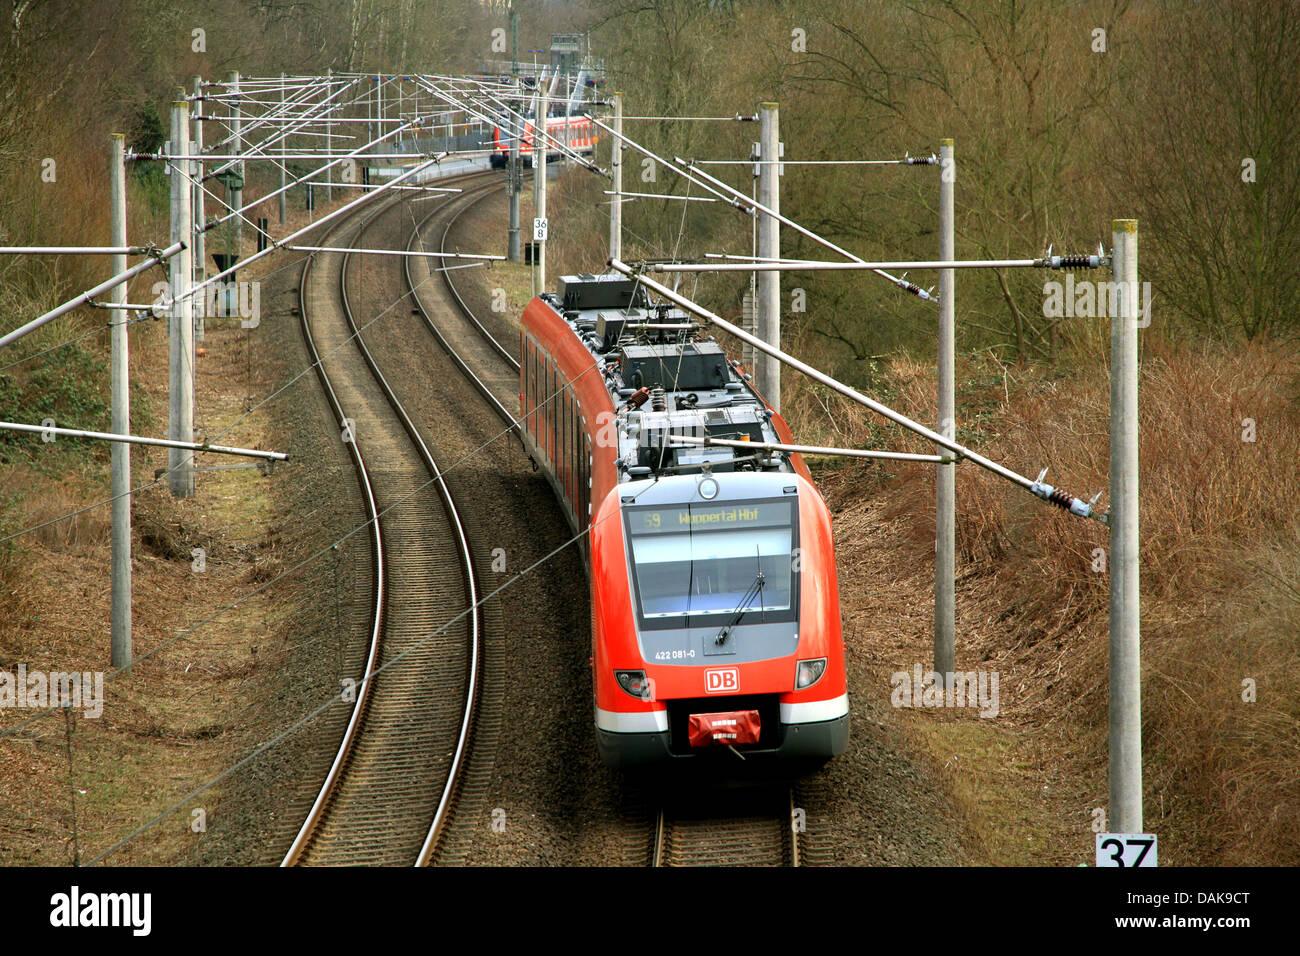 S-Bahn in Ruhr Metropolitan Region, Germany, North Rhine-Westphalia, Ruhr Area, Essen - Stock Image